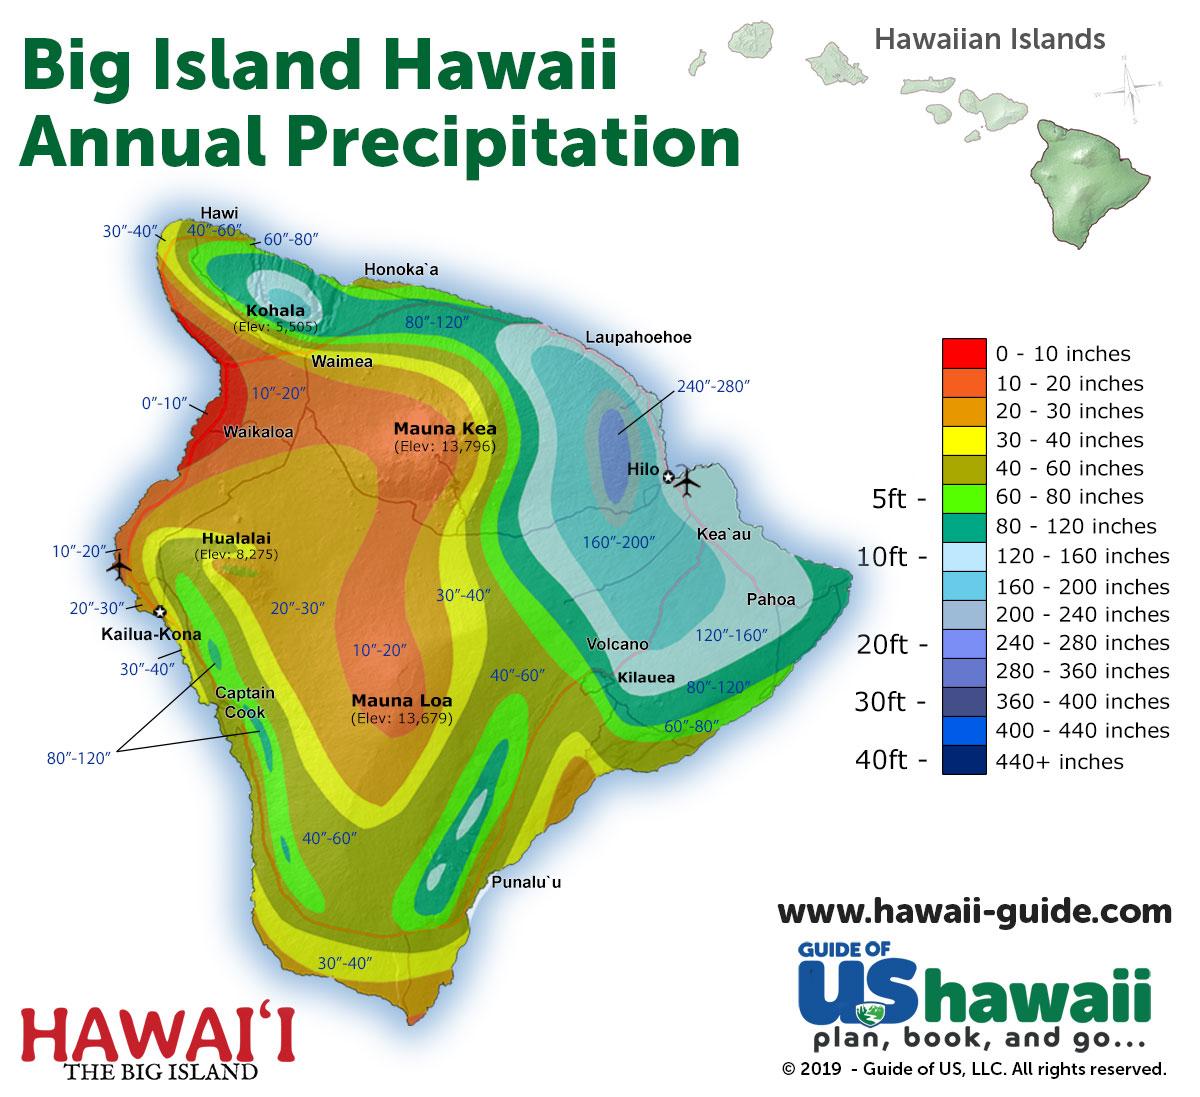 Kohala Hawaii Map.Big Island Of Hawaii Weather